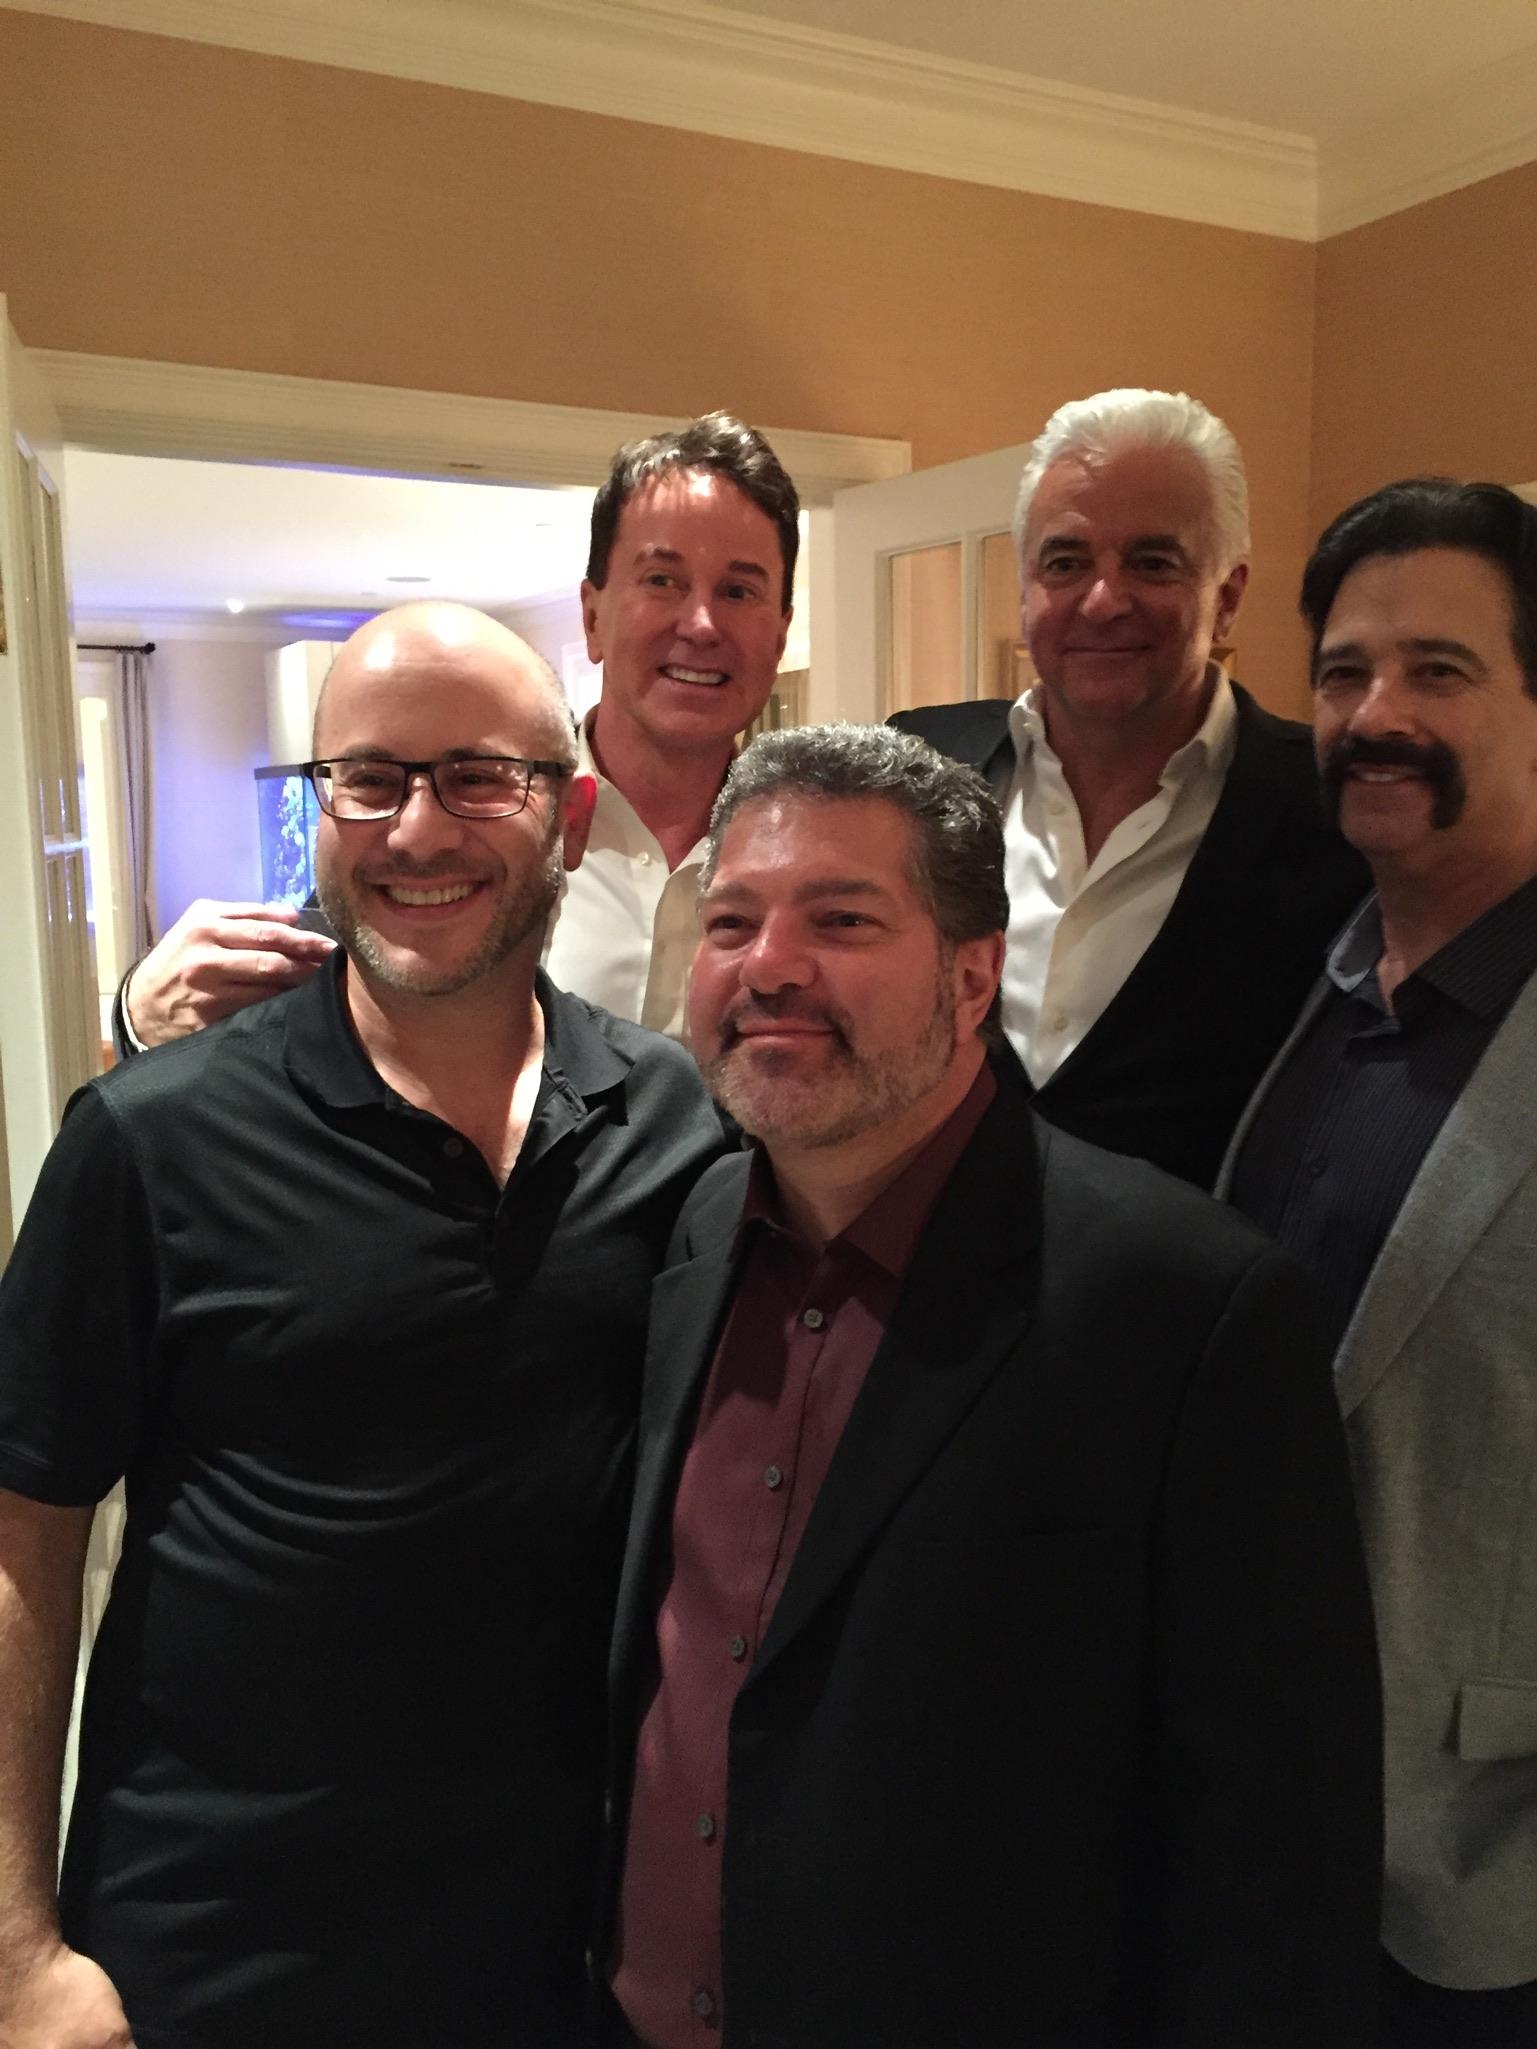 Davis Gaines, John O'Hurley, Dave Caplan Josh Greer & Allen Zipper